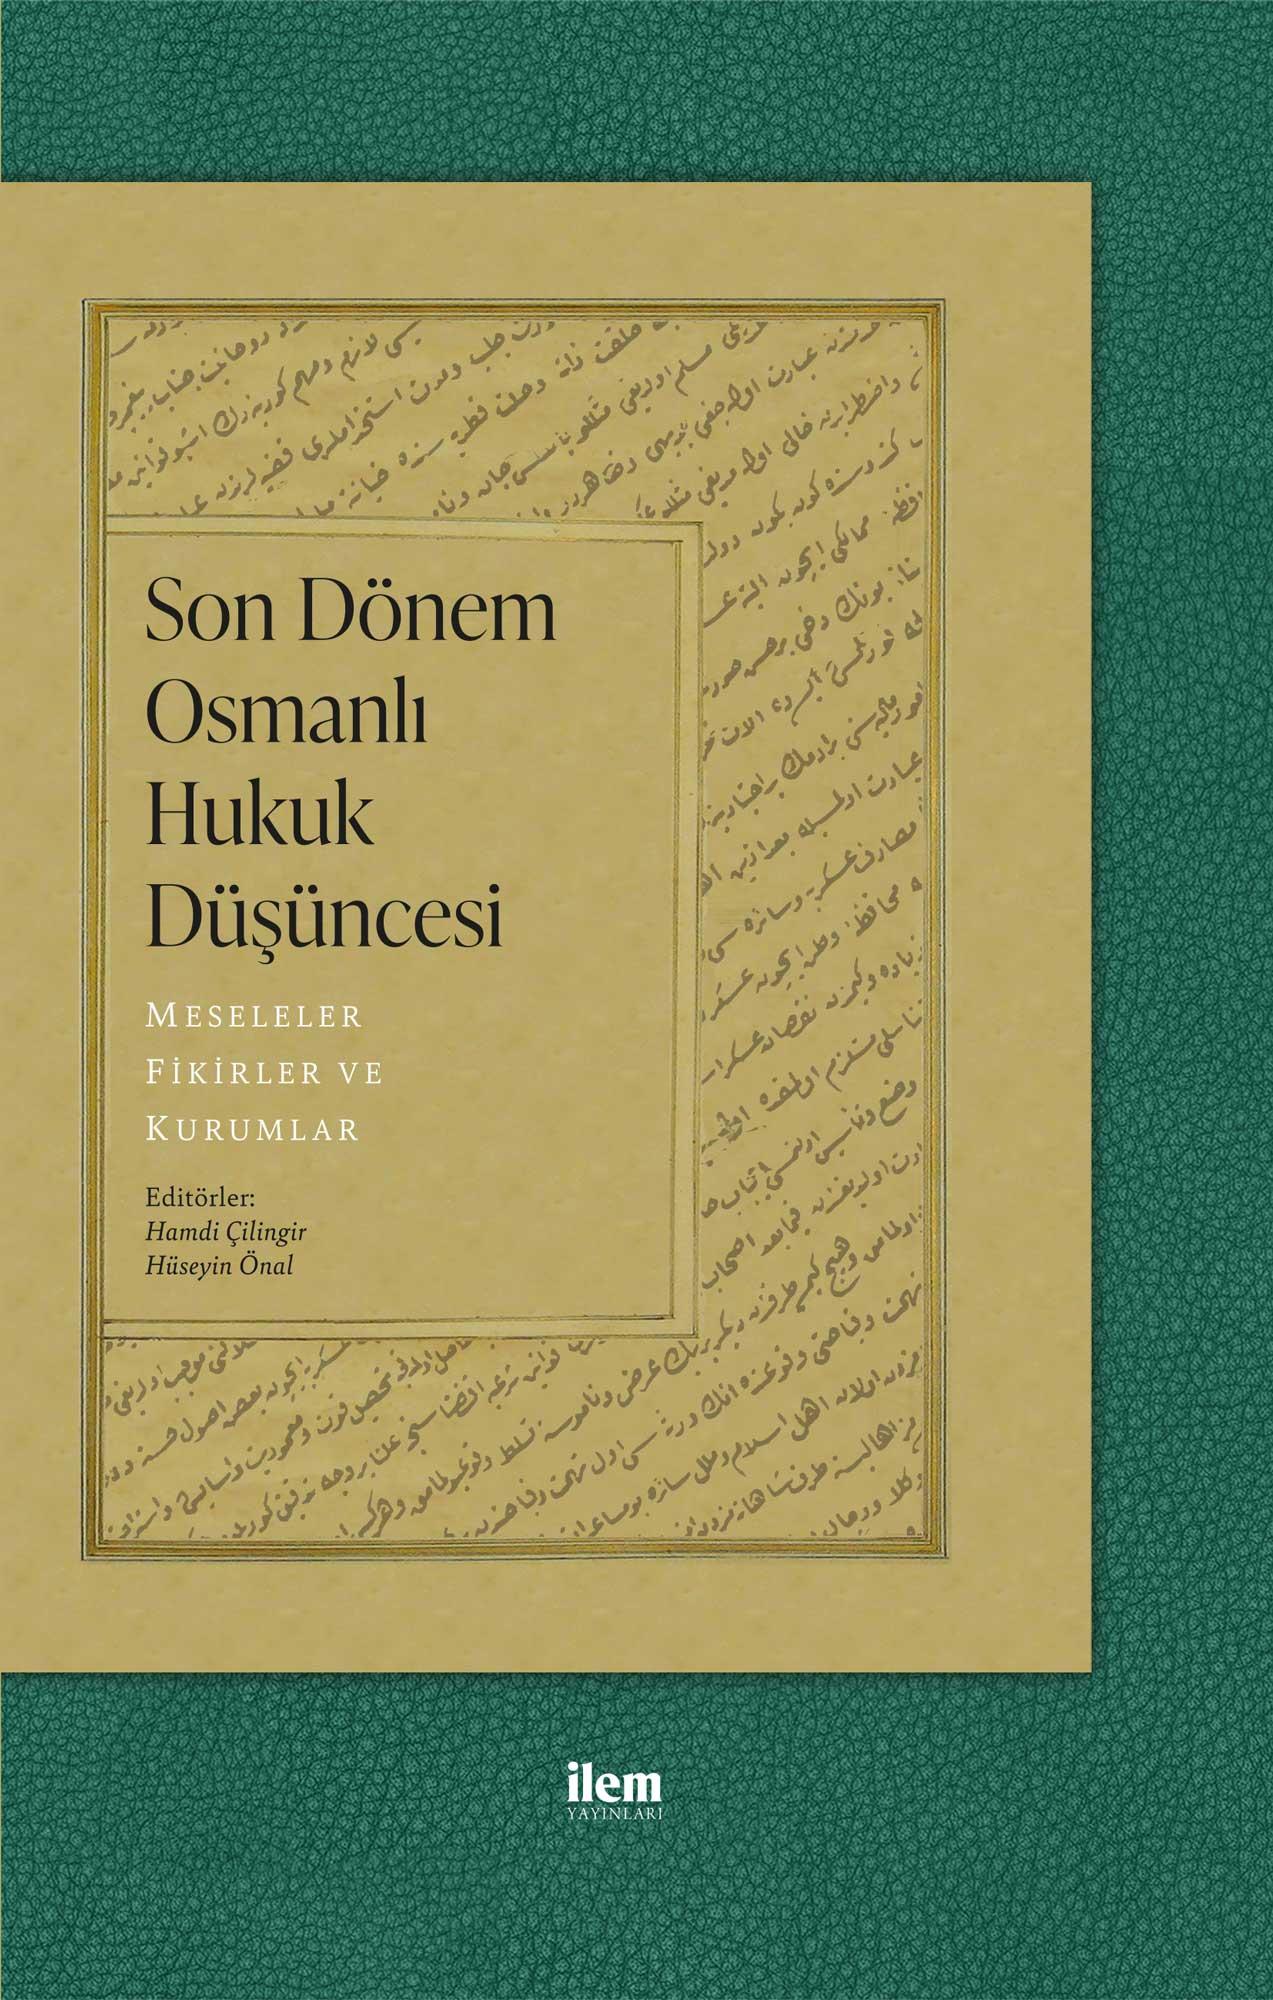 Son Dönem Osmanlı Hukuk Düşüncesi